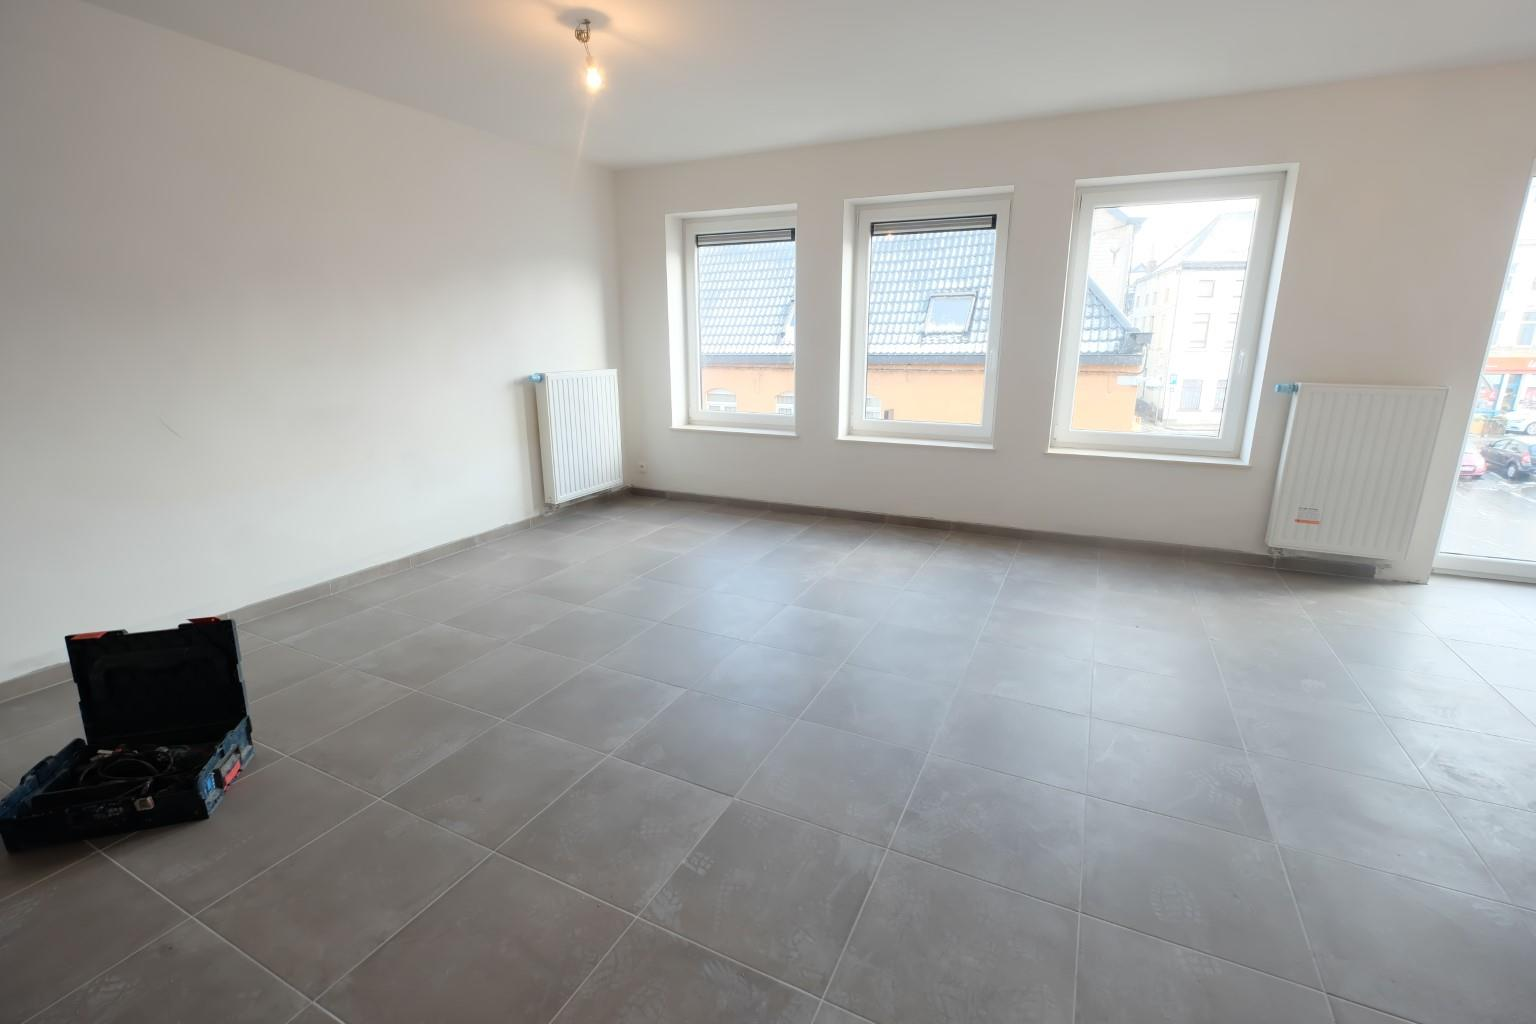 Appartement - Braine-le-Comte - #3249013-3